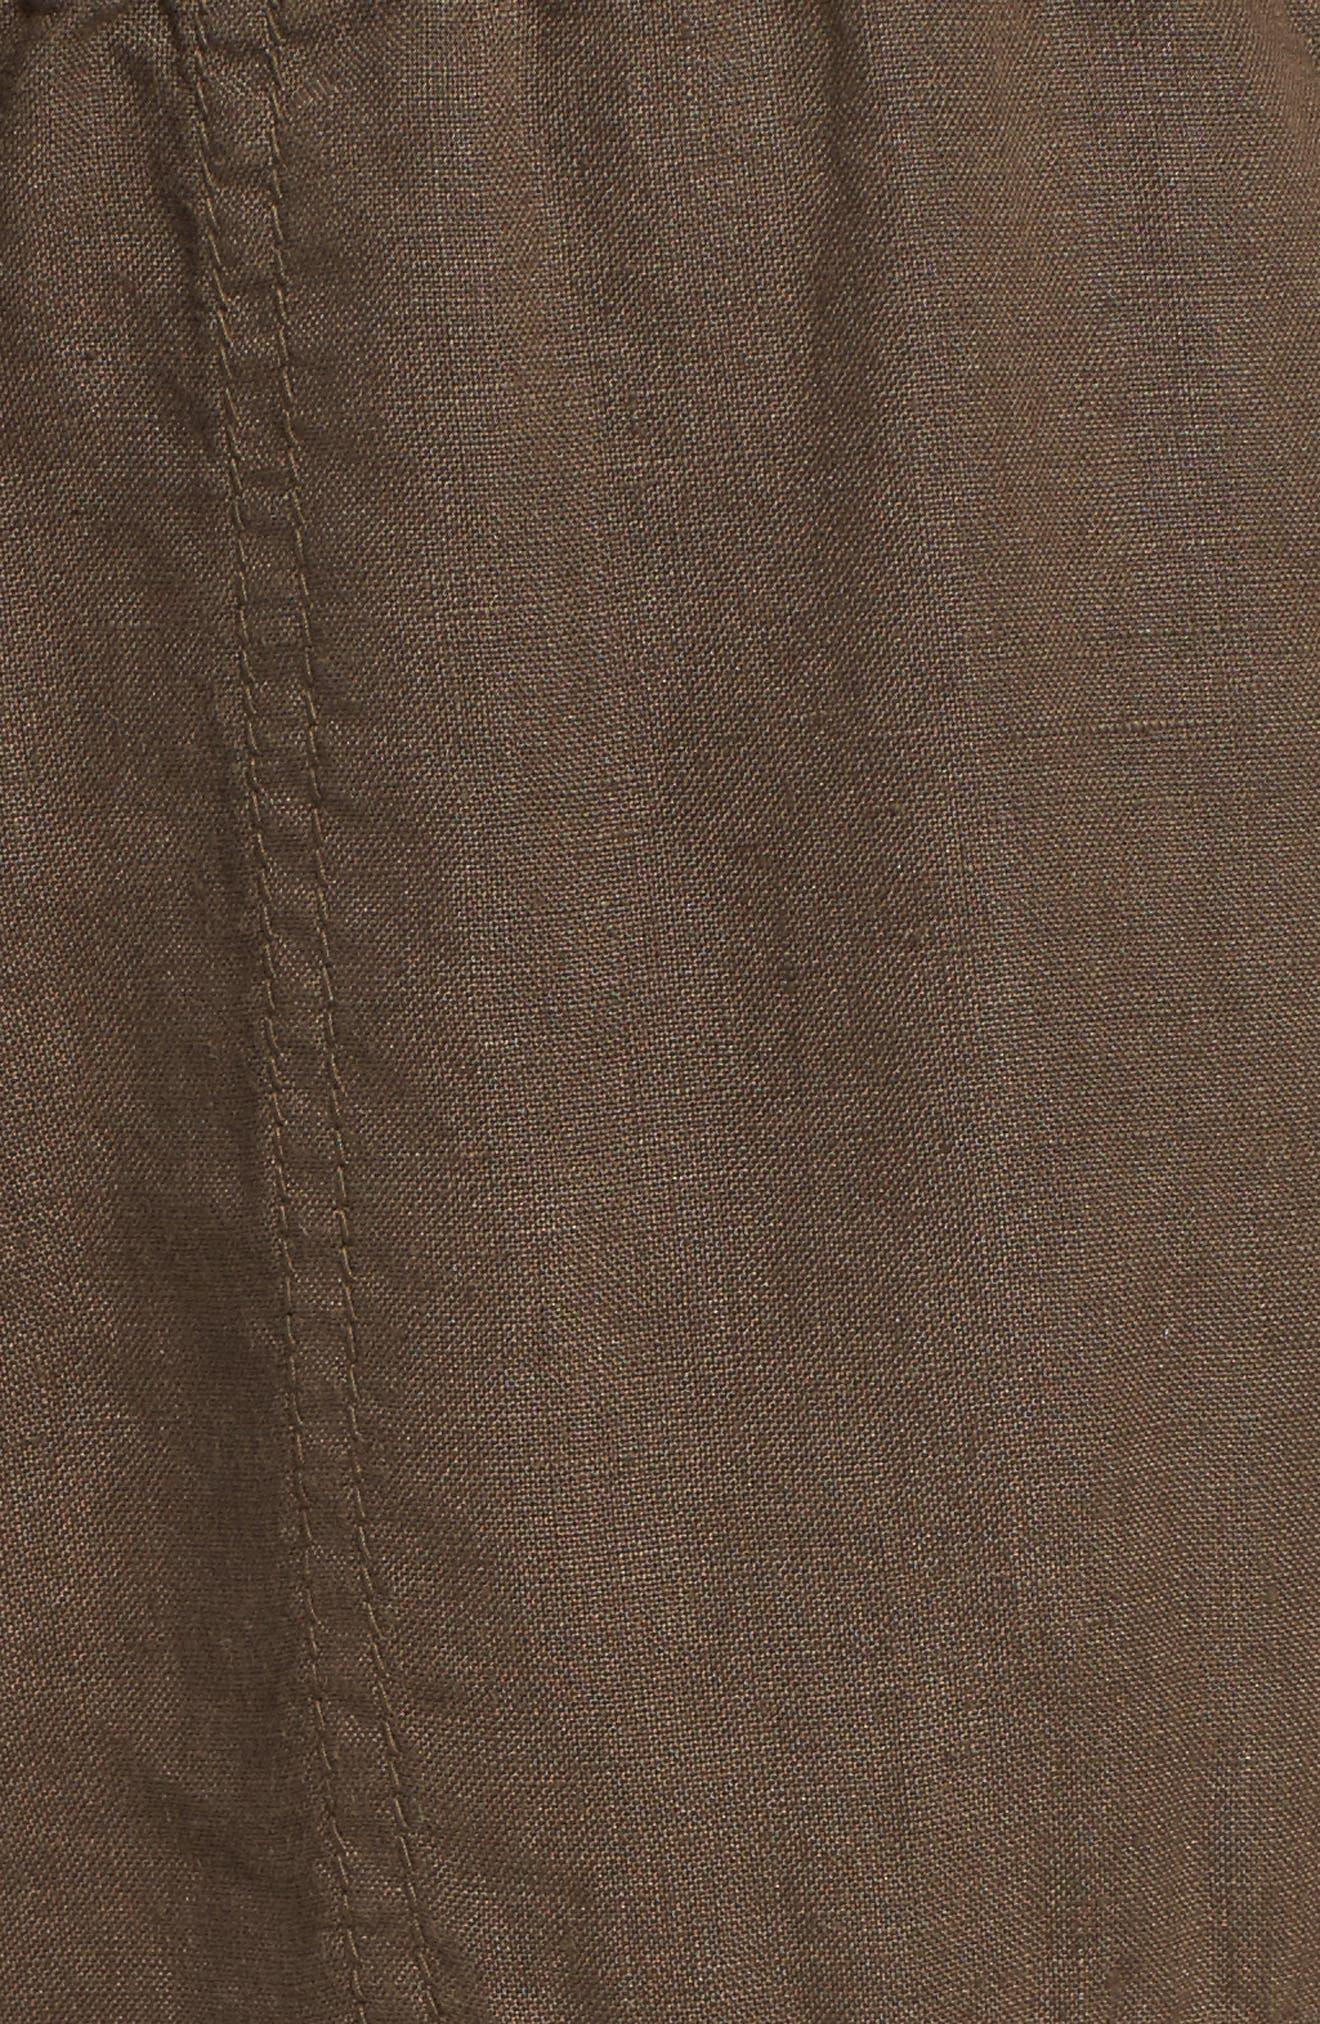 Crop Linen Joggers,                             Alternate thumbnail 29, color,